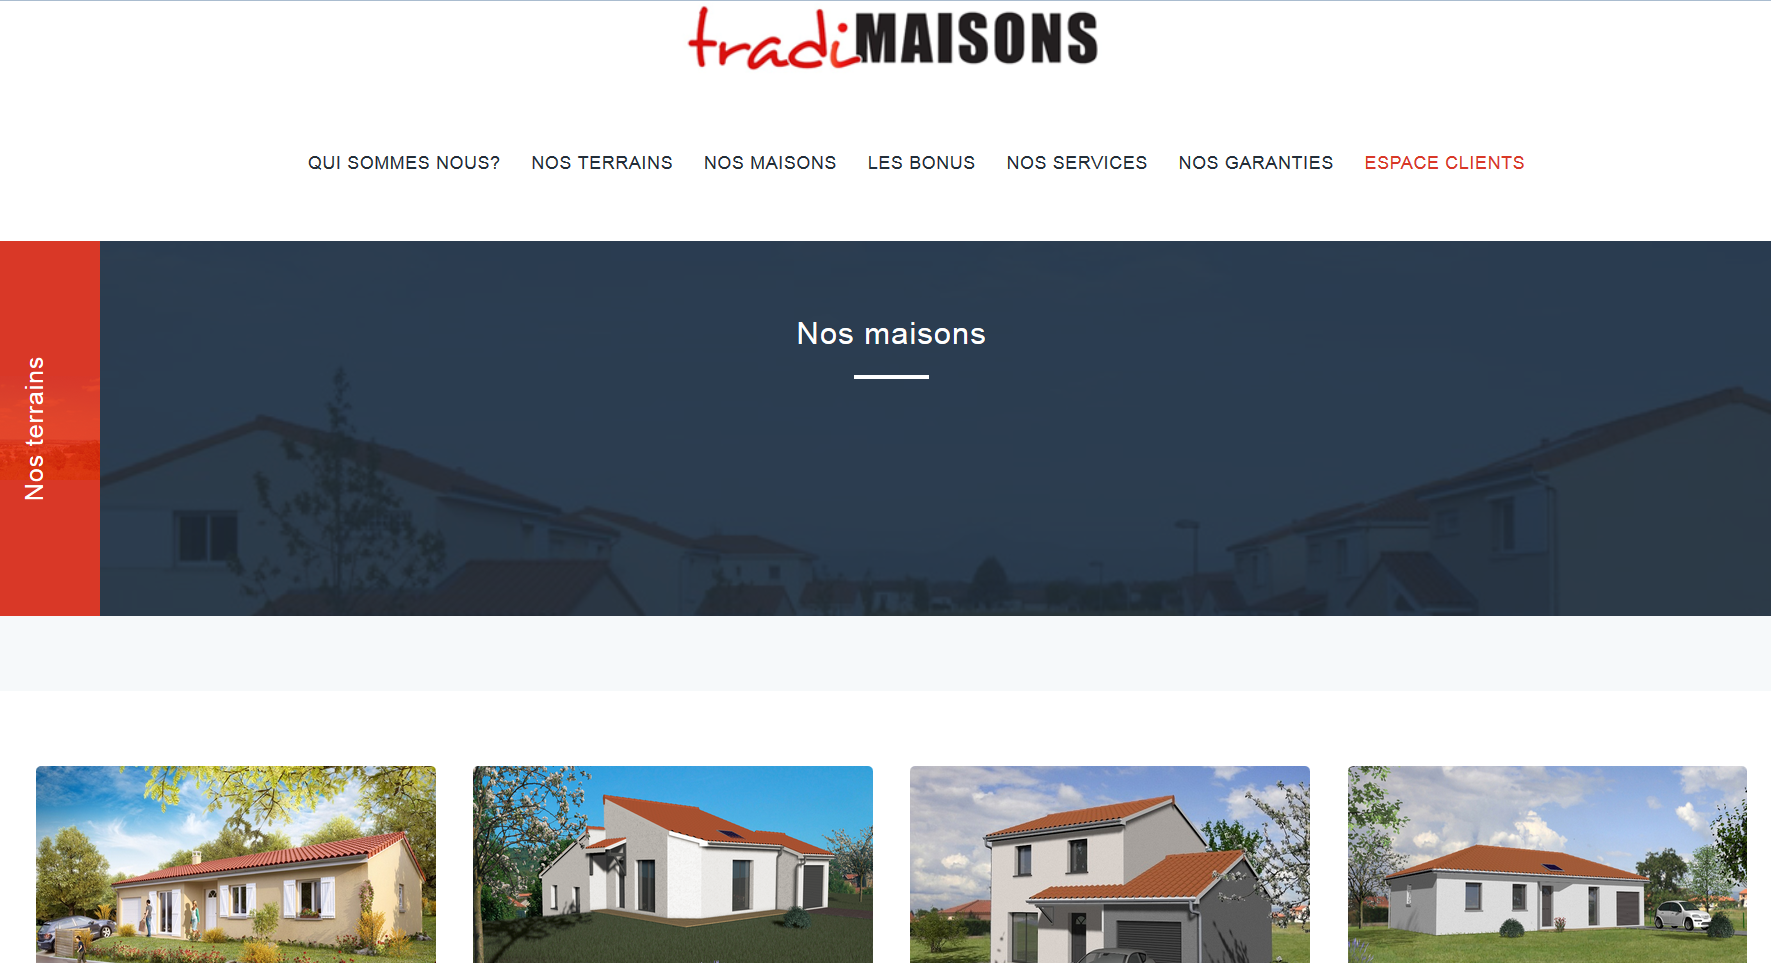 Tradimaisons constructeurs de maison cl en main dans la for Constructeur de maison individuelle clermont ferrand